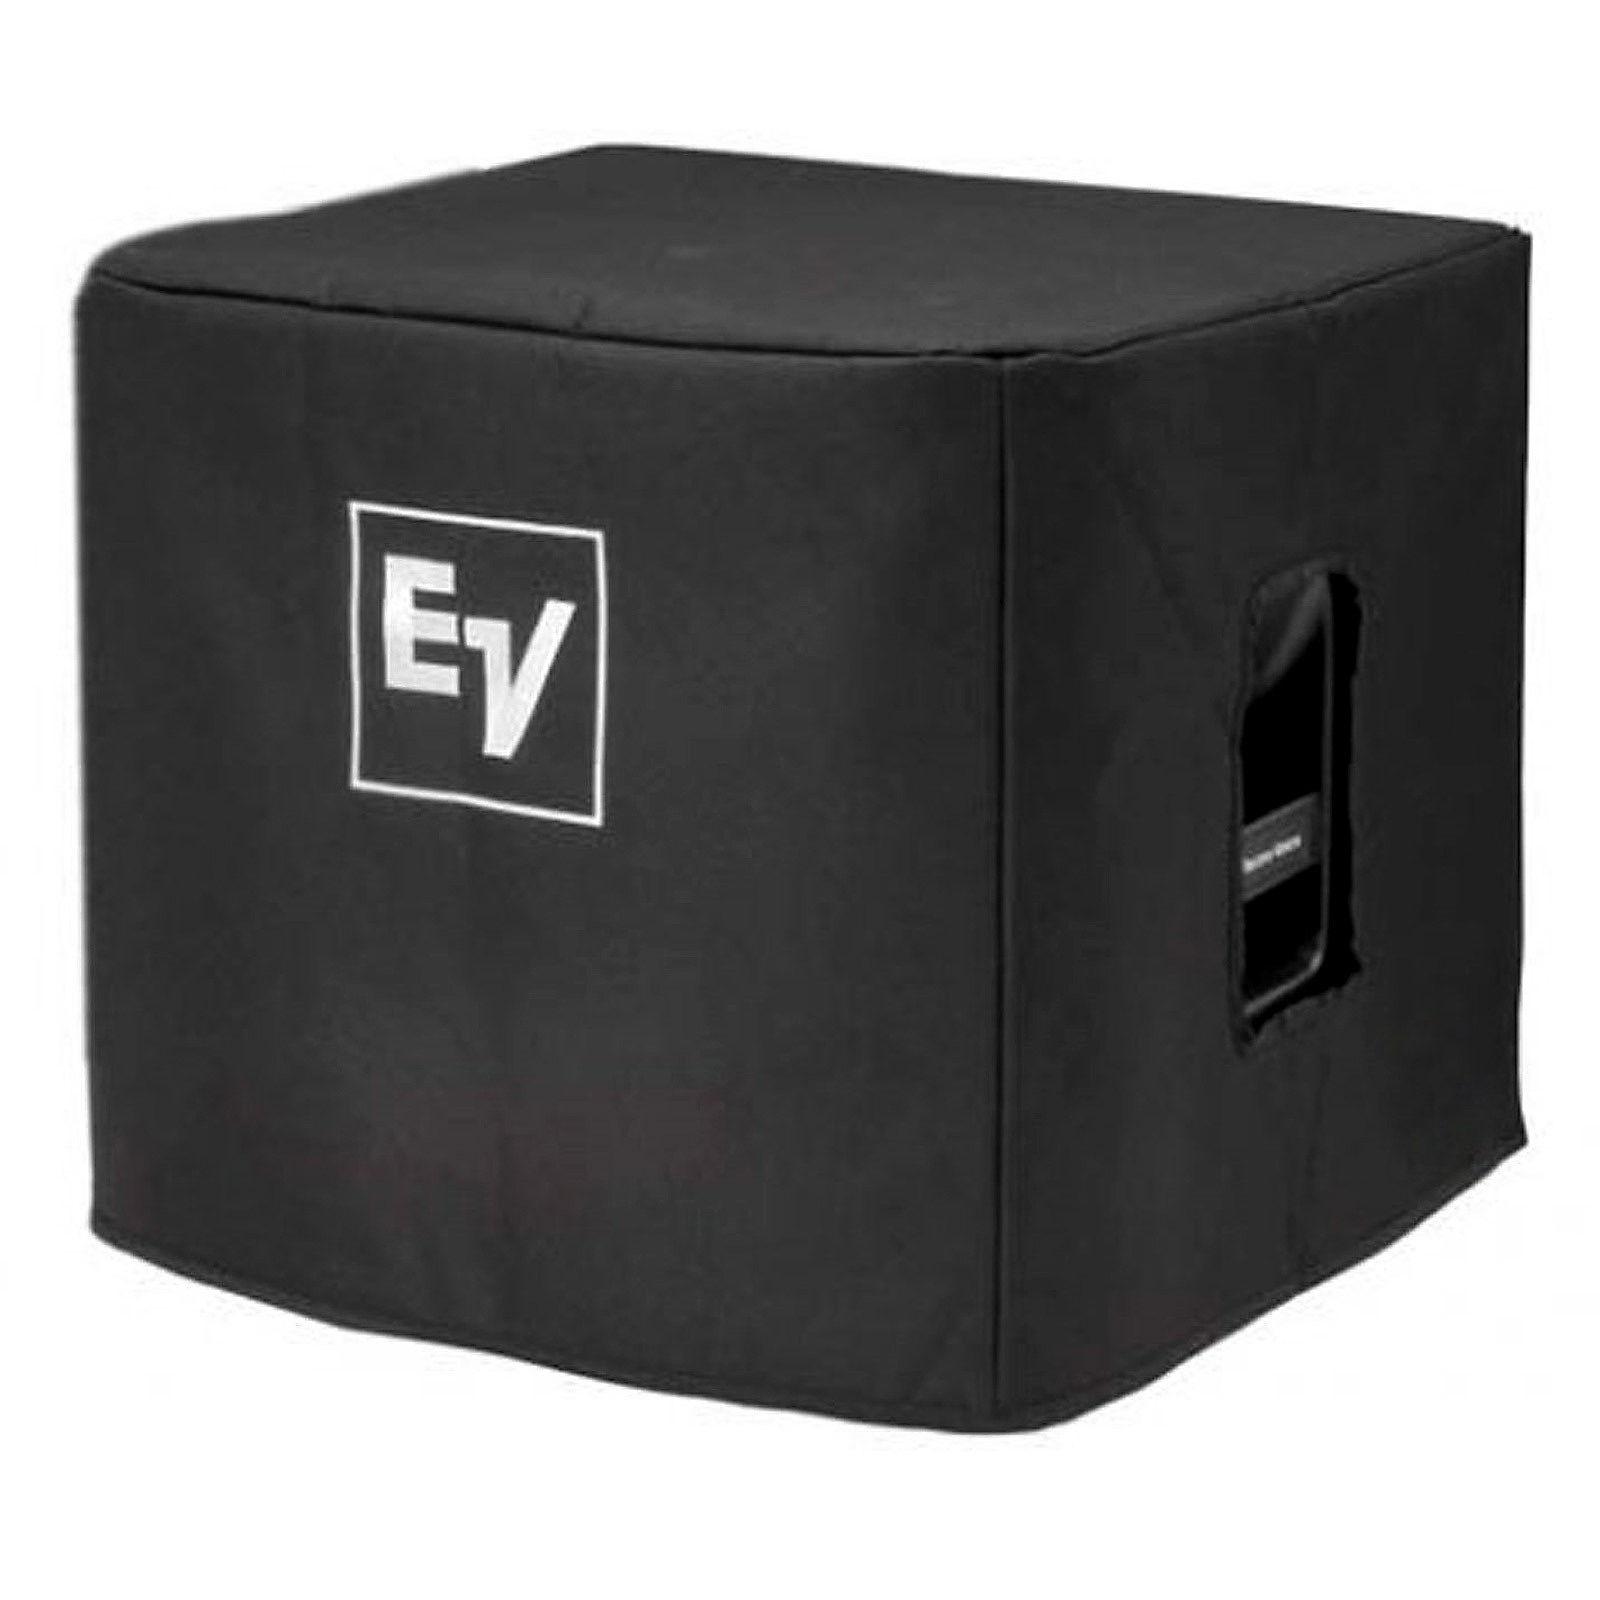 electro voice ekx 18s cvr padded cover for ekx18sp reverb. Black Bedroom Furniture Sets. Home Design Ideas